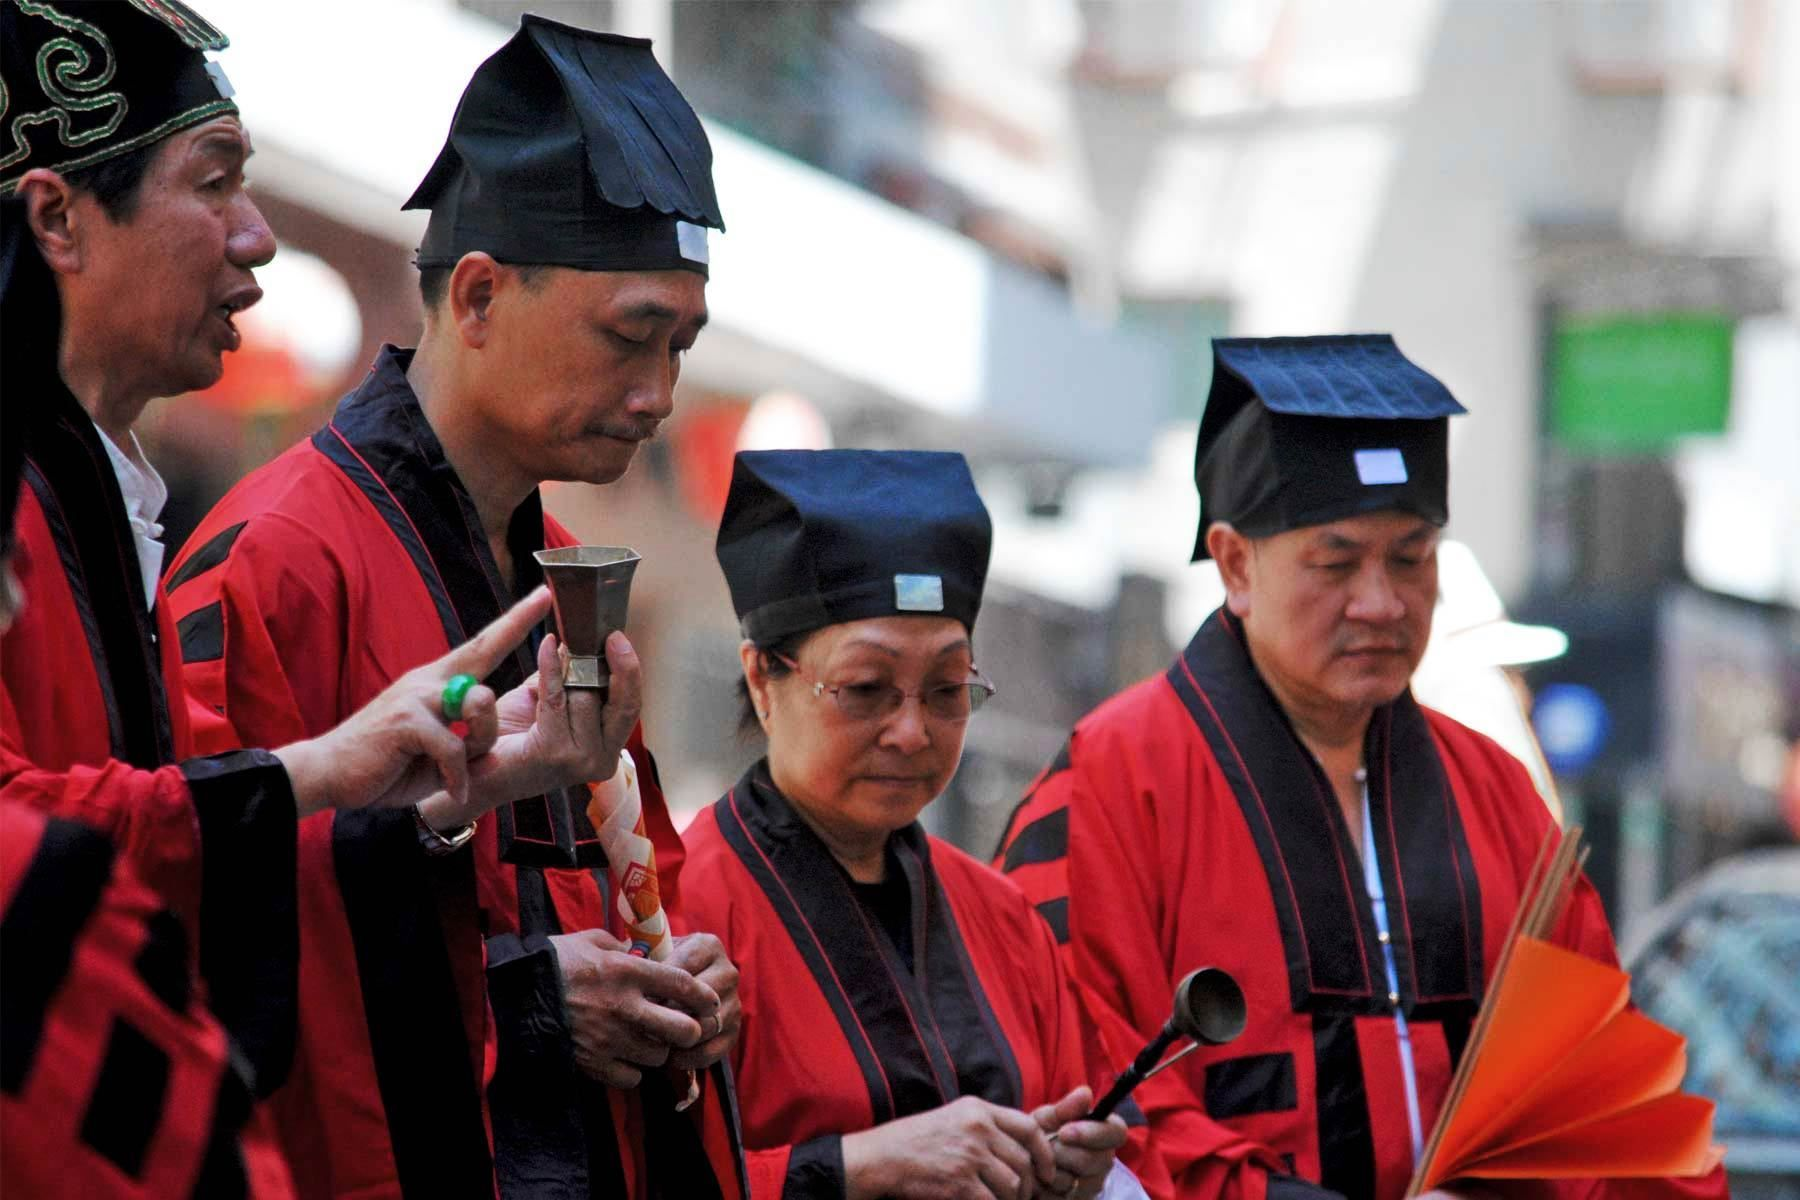 100___hk___priests_2.jpg